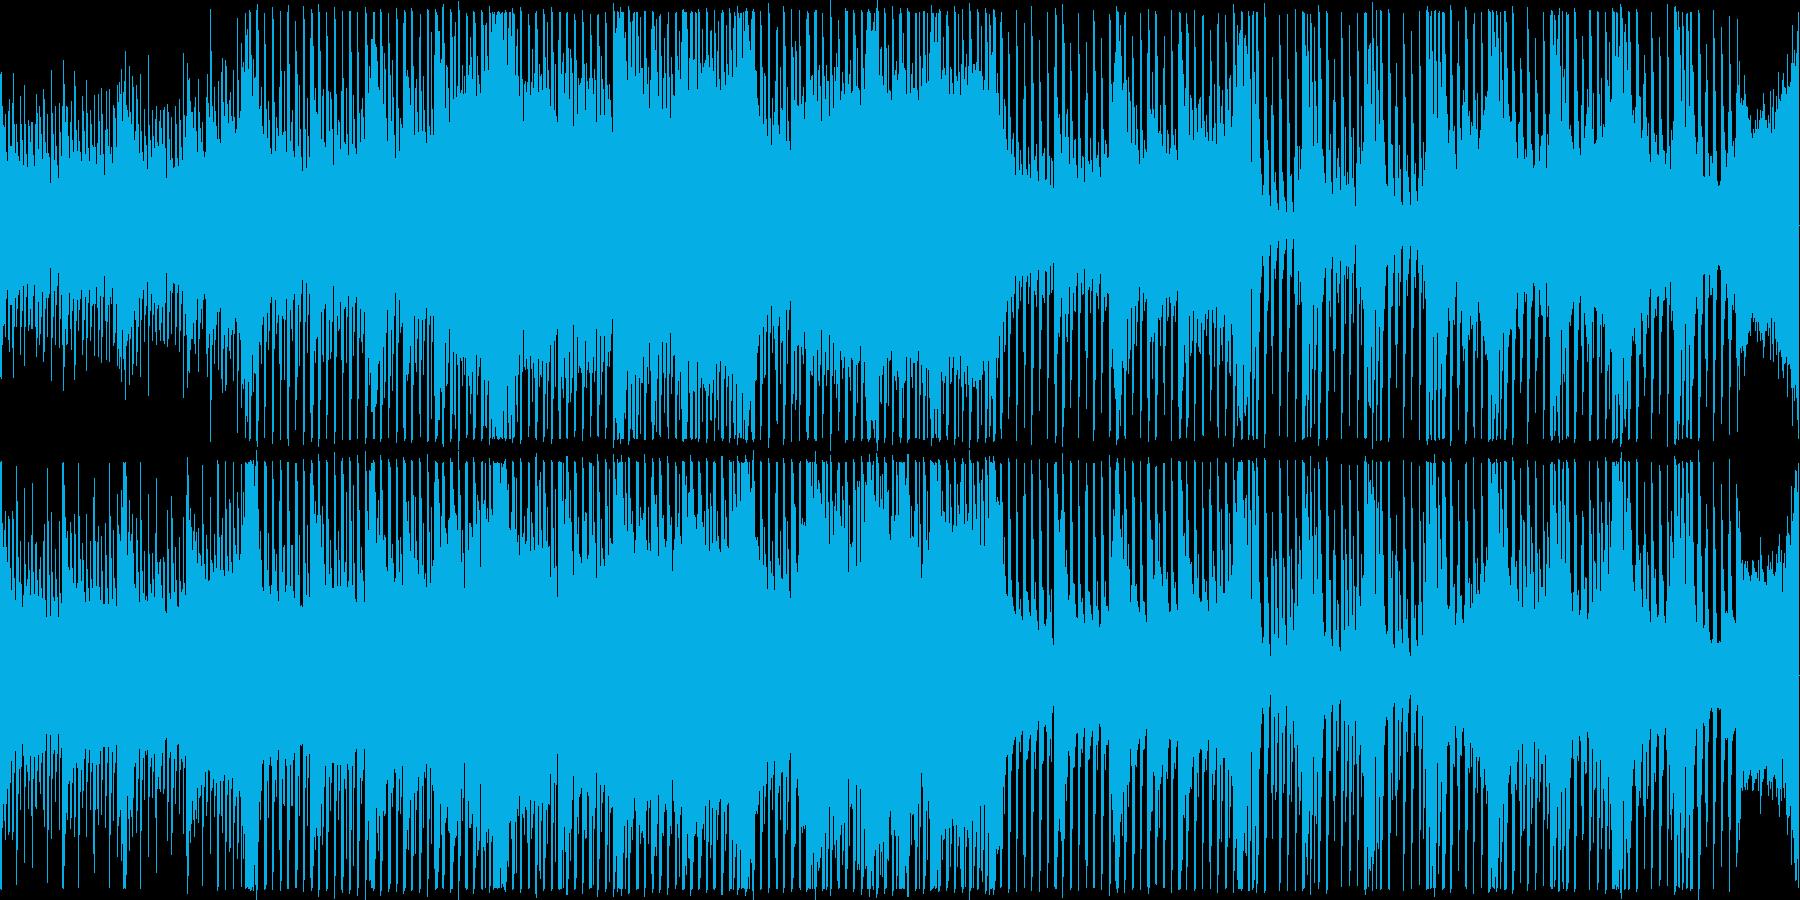 テンポの良いハッピーな曲の再生済みの波形